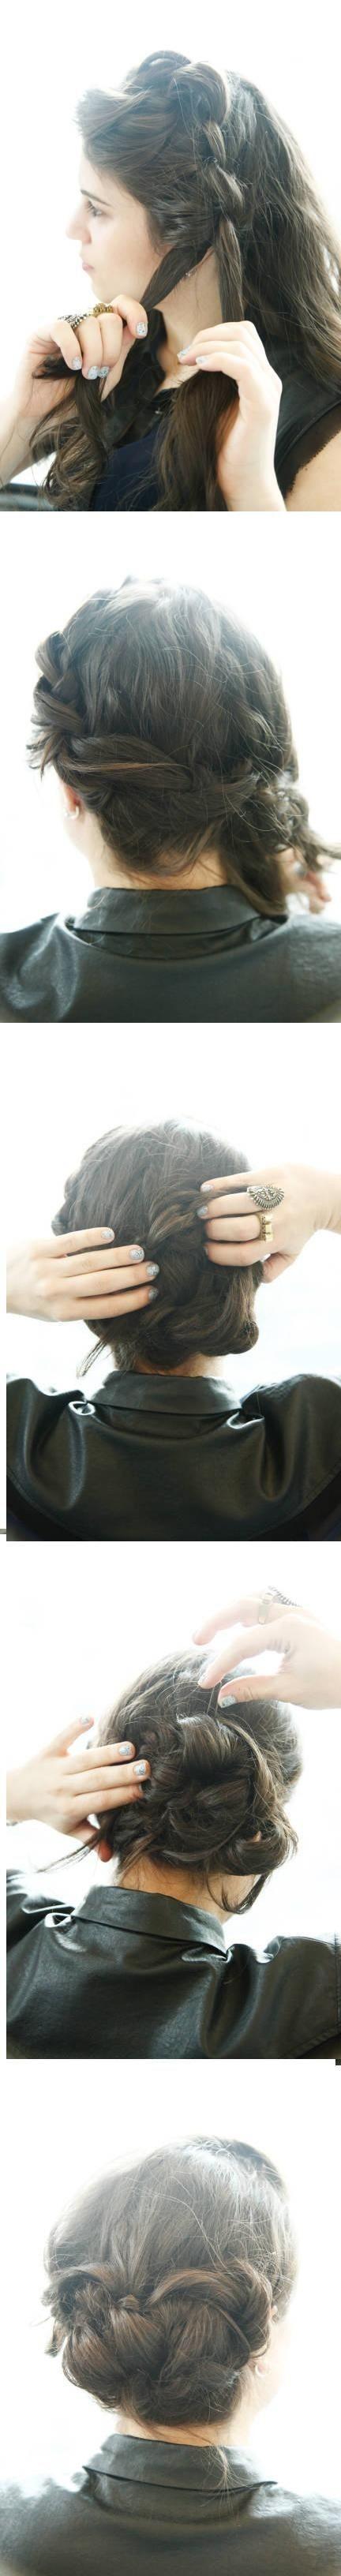 Updo Hairstyles Tutorials: Big Braid Bun Updos